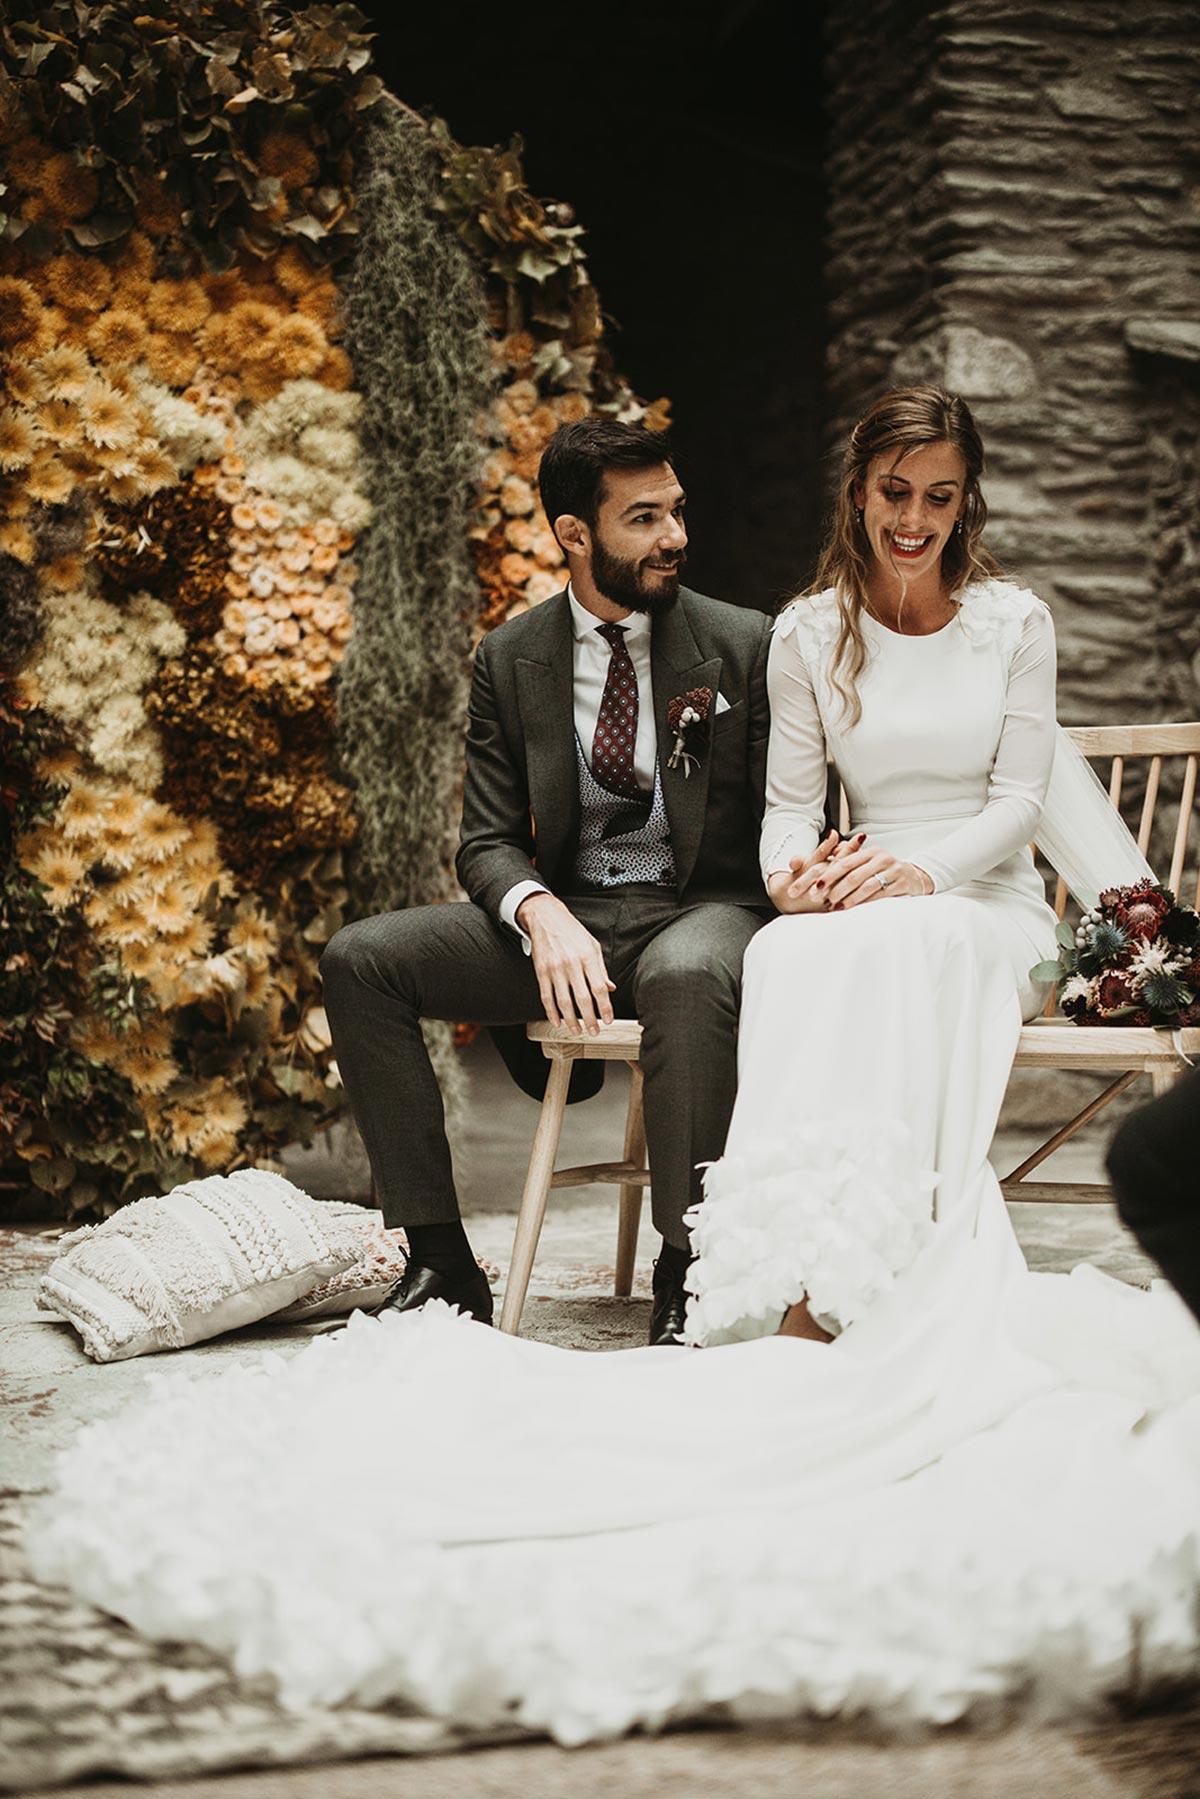 Ceremonia de boda de invierno con backdrop circular de flores amarillas y verdes novios